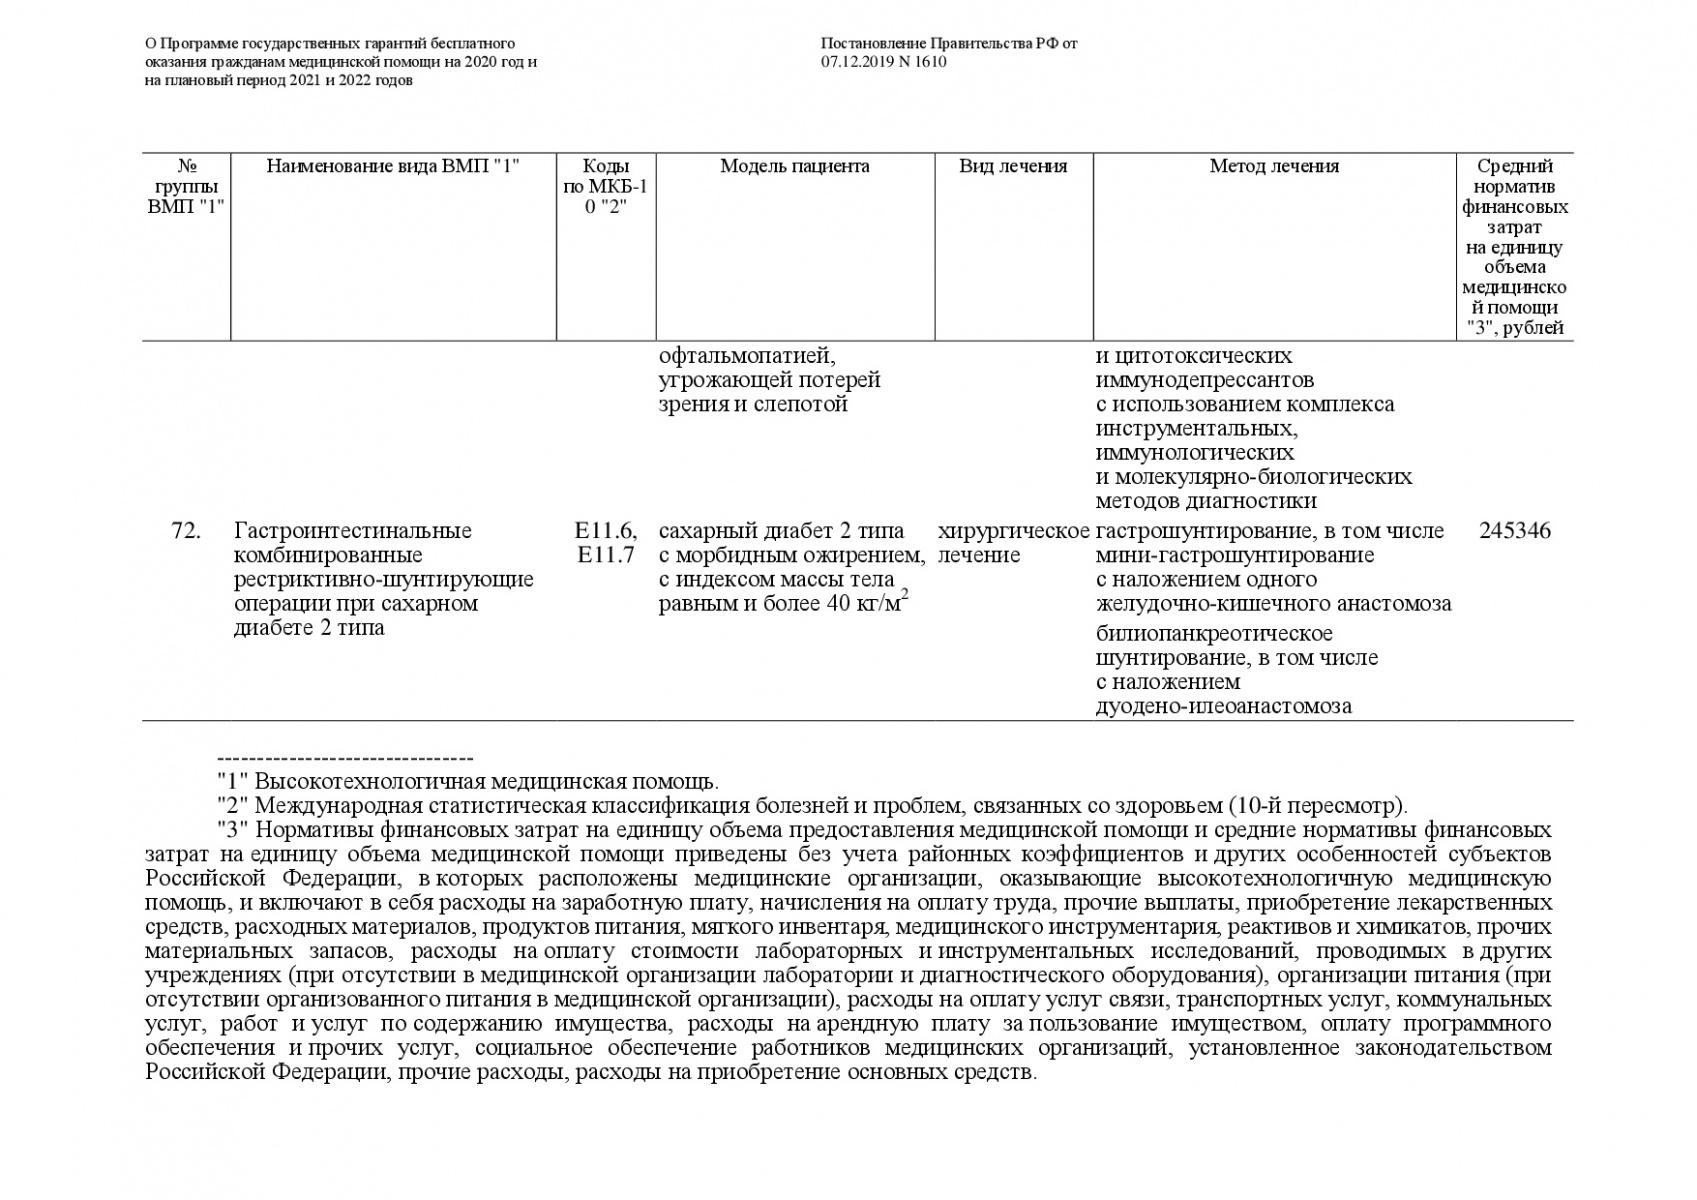 Postanovlenie-Pravitelstva-RF-ot-07_12_2019-1610-O-PGG-304